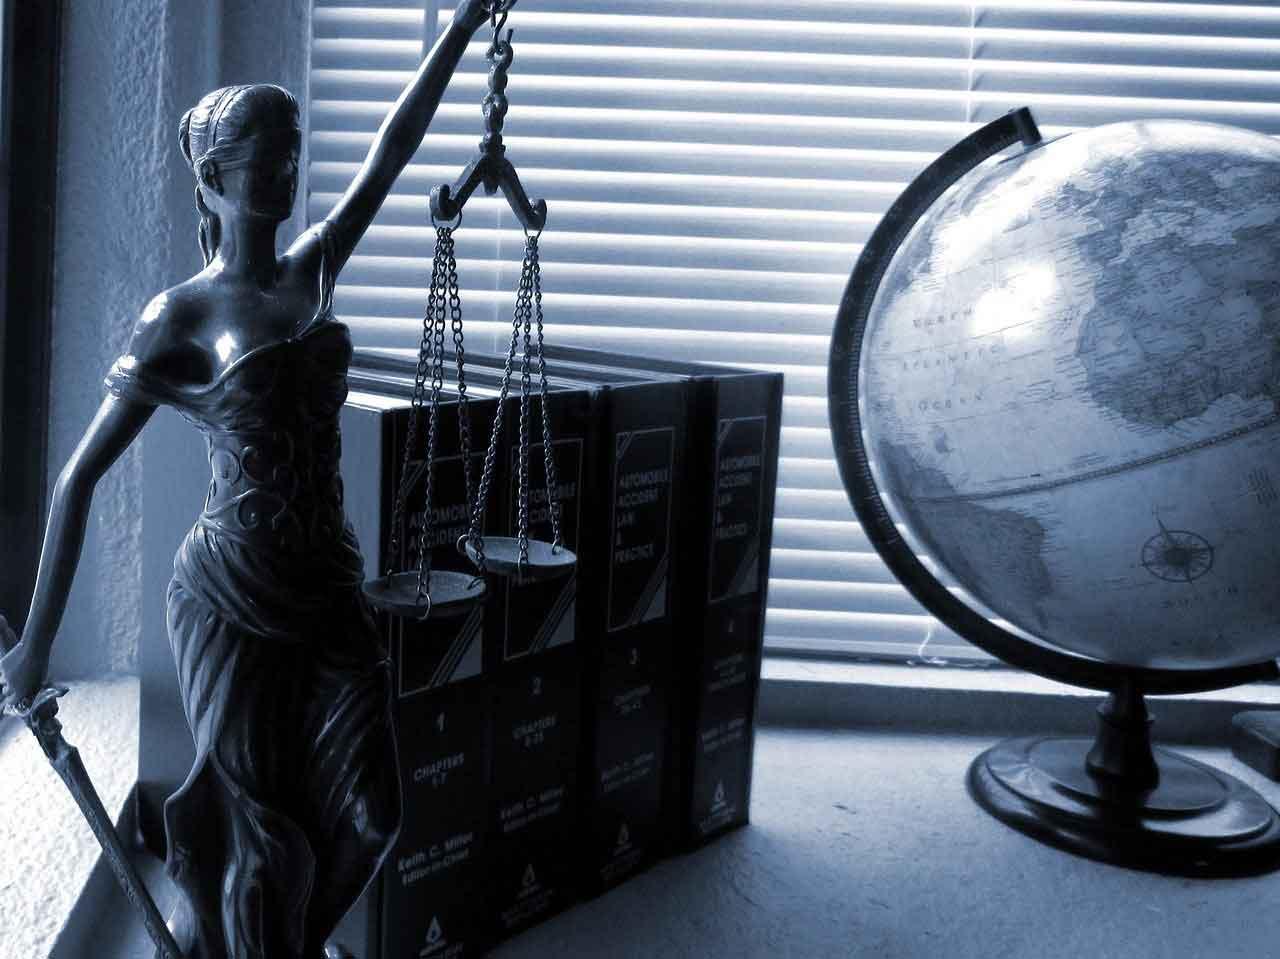 Tłumaczenie prawnicze - konsekutywne